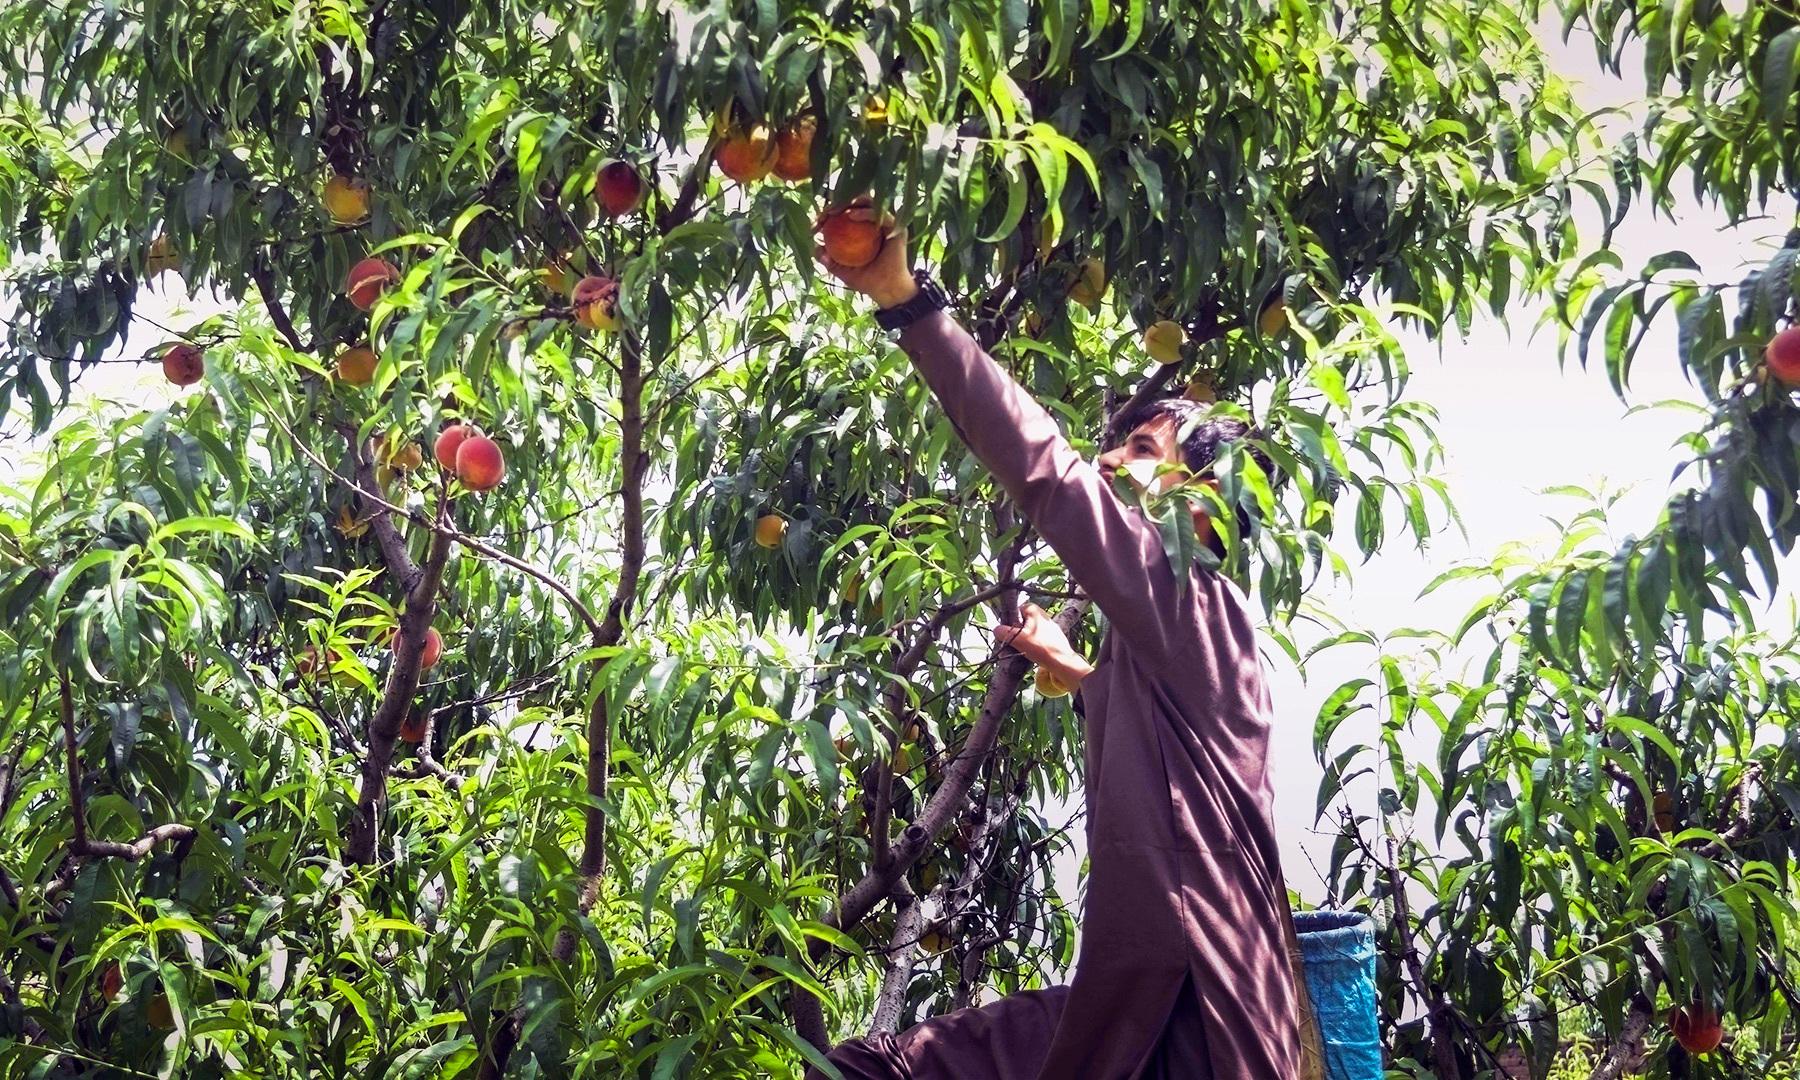 شوک مار درخت سے پھل اتارنے میں مصروف ہے — تصویر امجد علی سحاب